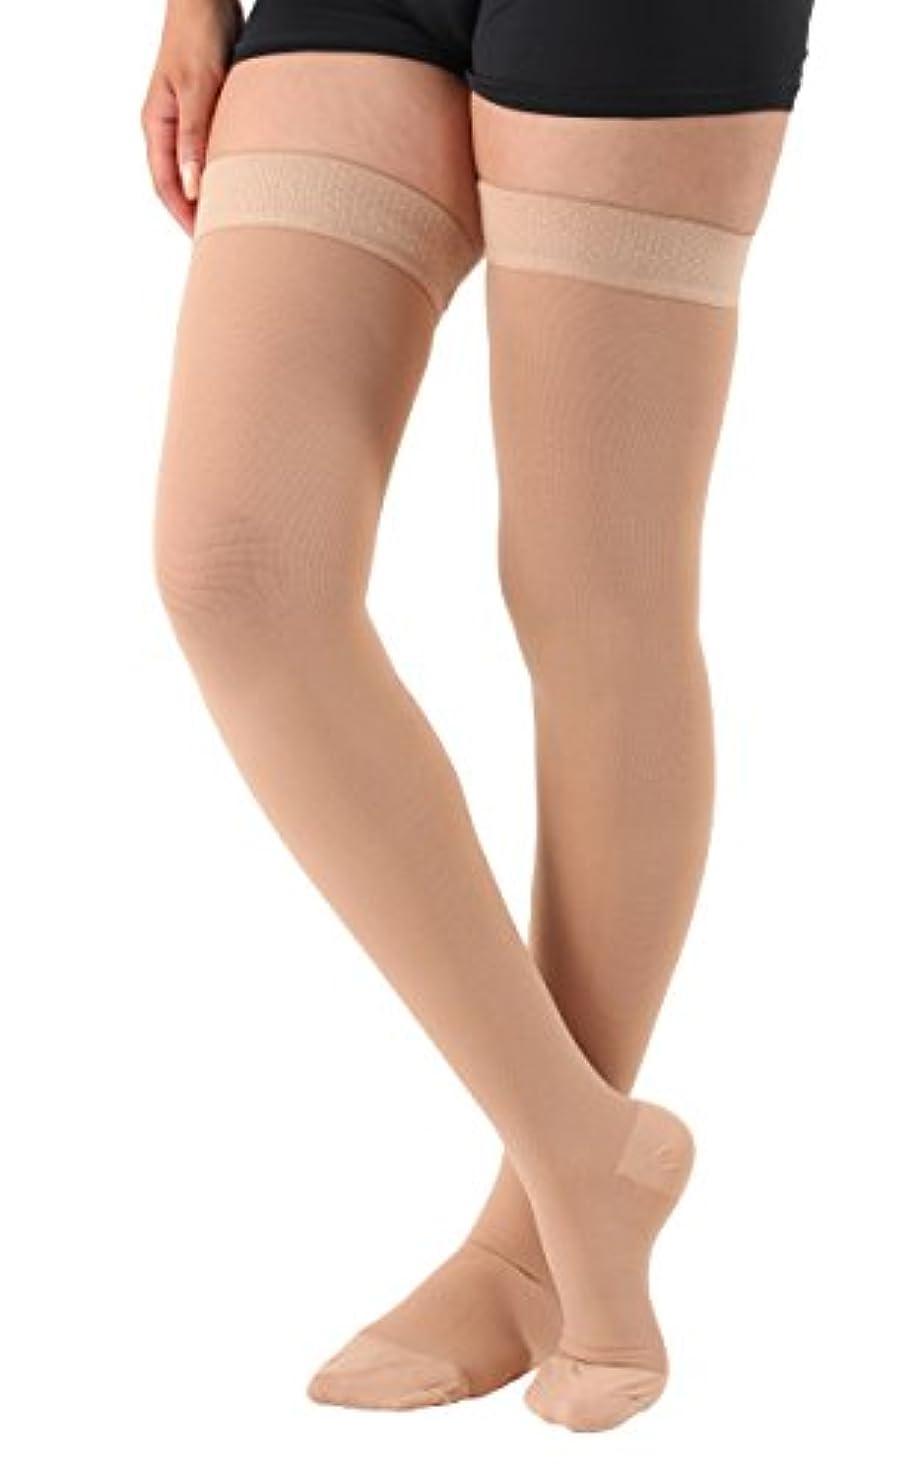 セットする剪断あさりOpaque Compression thigh high With Silicone Border Closed Toe Firm Support 20-30mmHg - Absolute Support- Made...